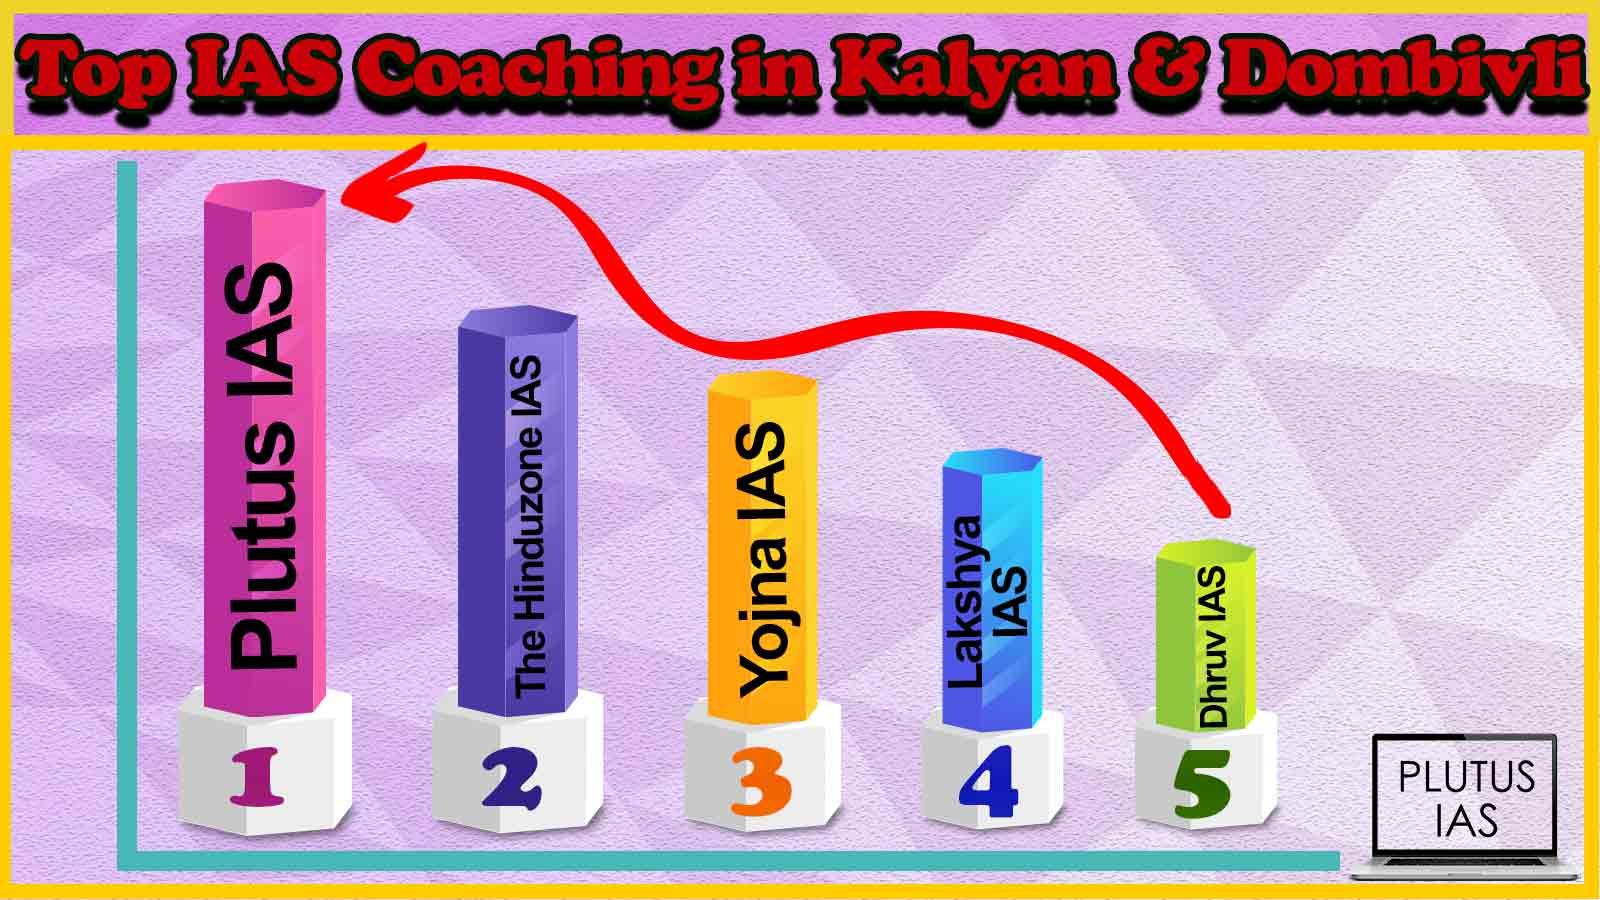 Best 10 IAS Coaching in Kalyan & Dombivli